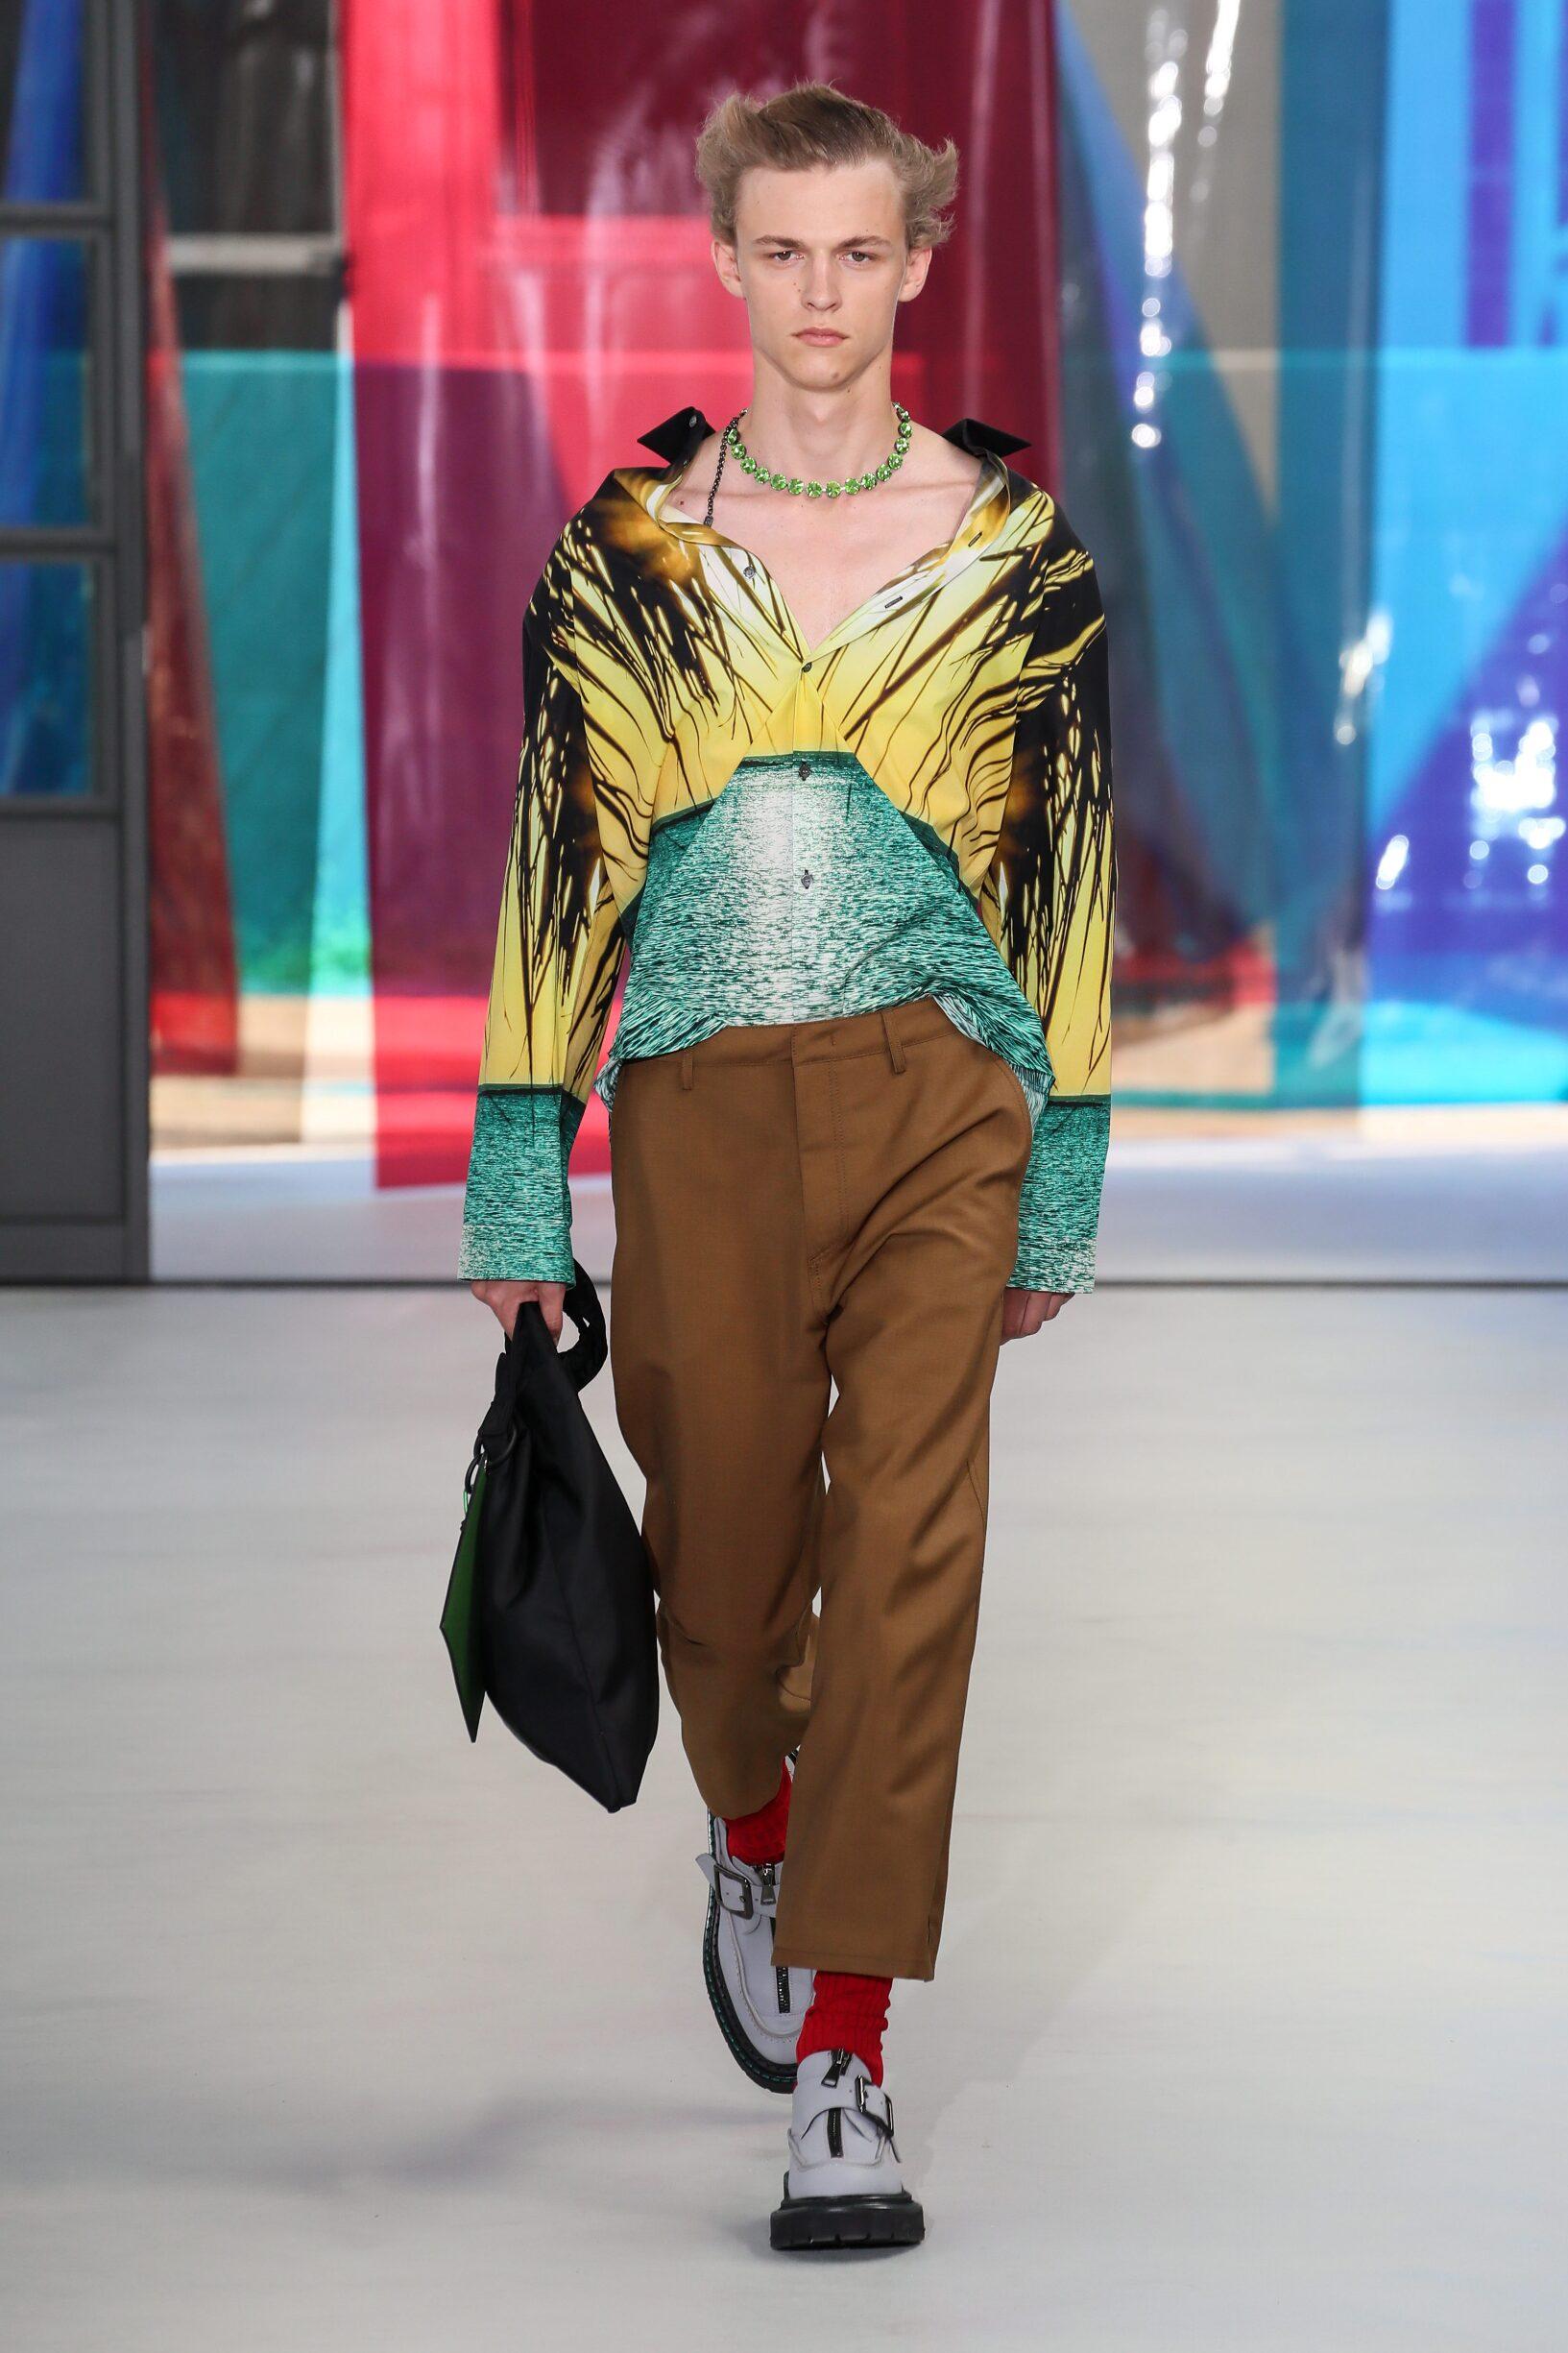 Fashion Man Model N°21 Catwalk